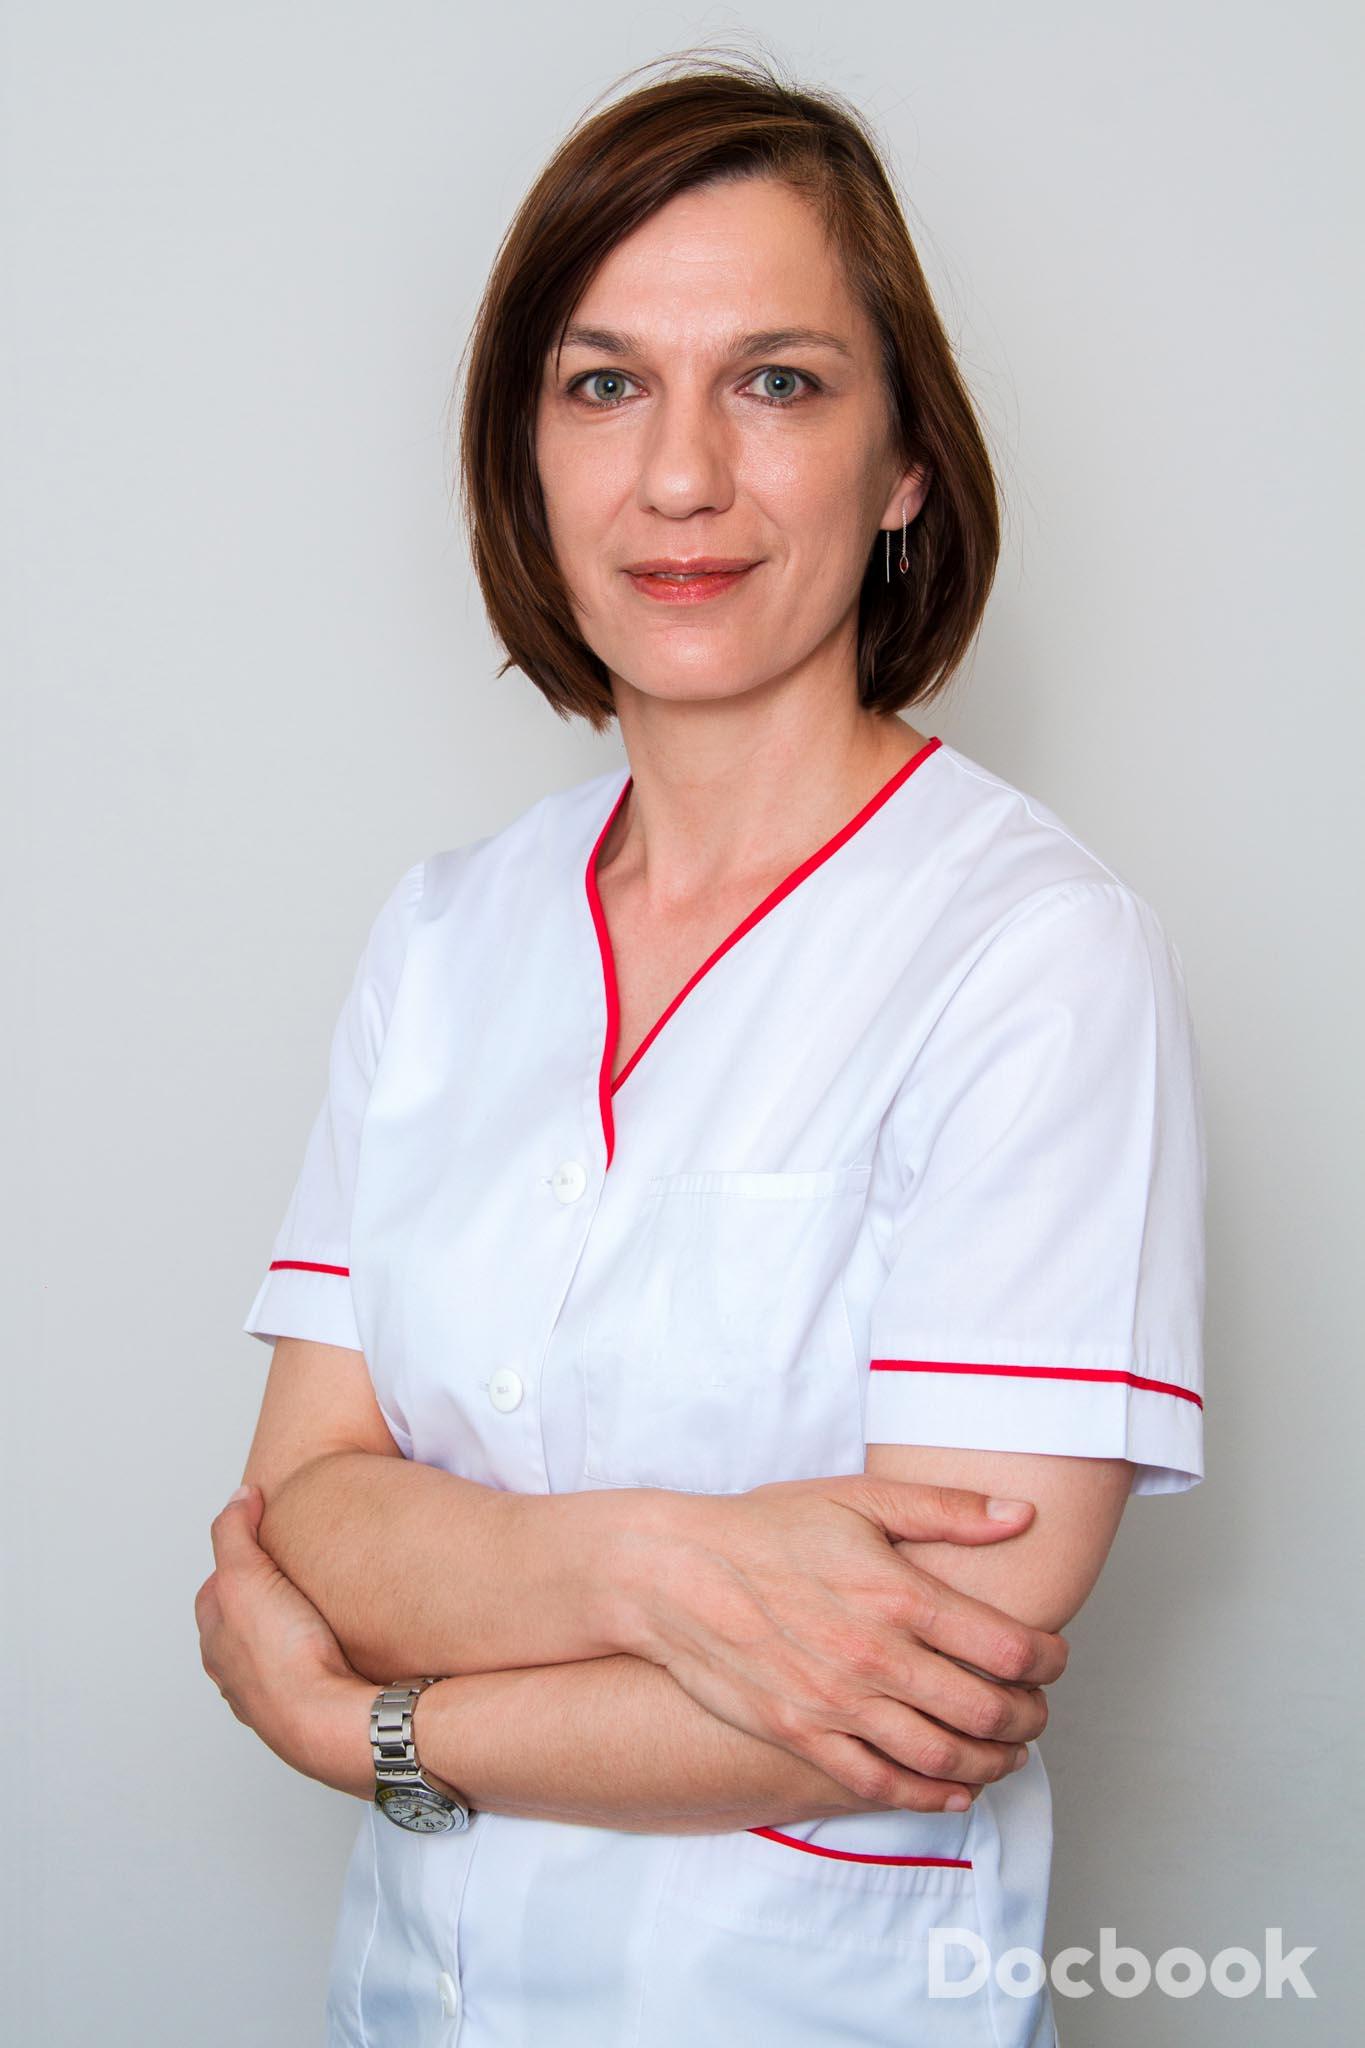 Dr. Rodica Negreanu